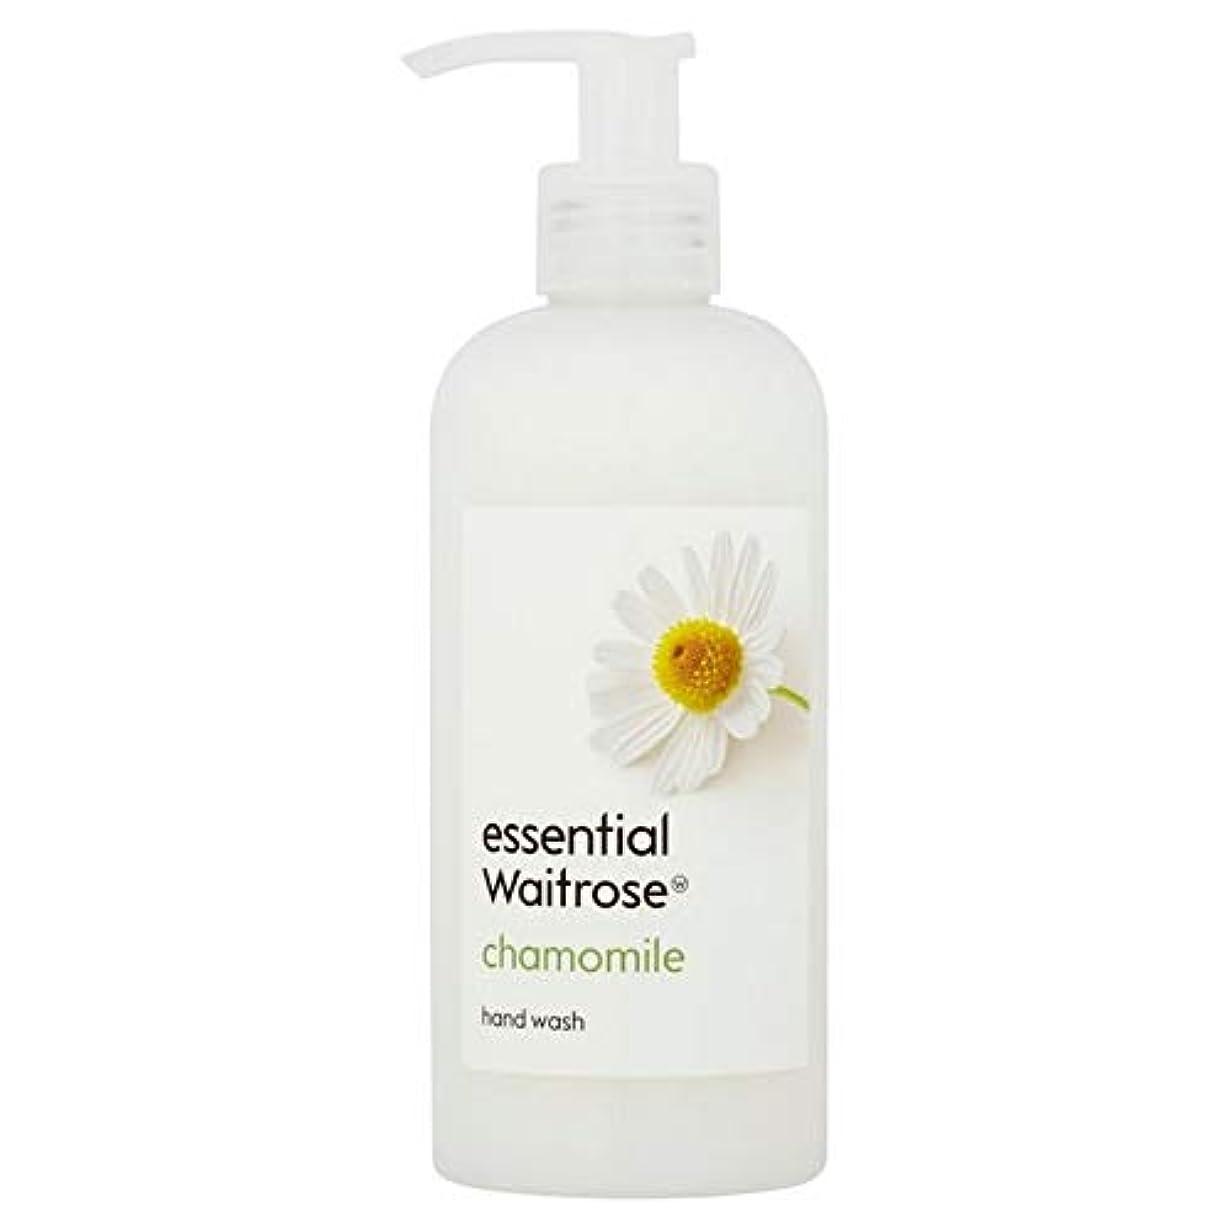 公爵伝導率意図的[Waitrose ] 基本的なウェイトローズのハンドウォッシュカモミール300ミリリットル - Essential Waitrose Hand Wash Chamomile 300ml [並行輸入品]